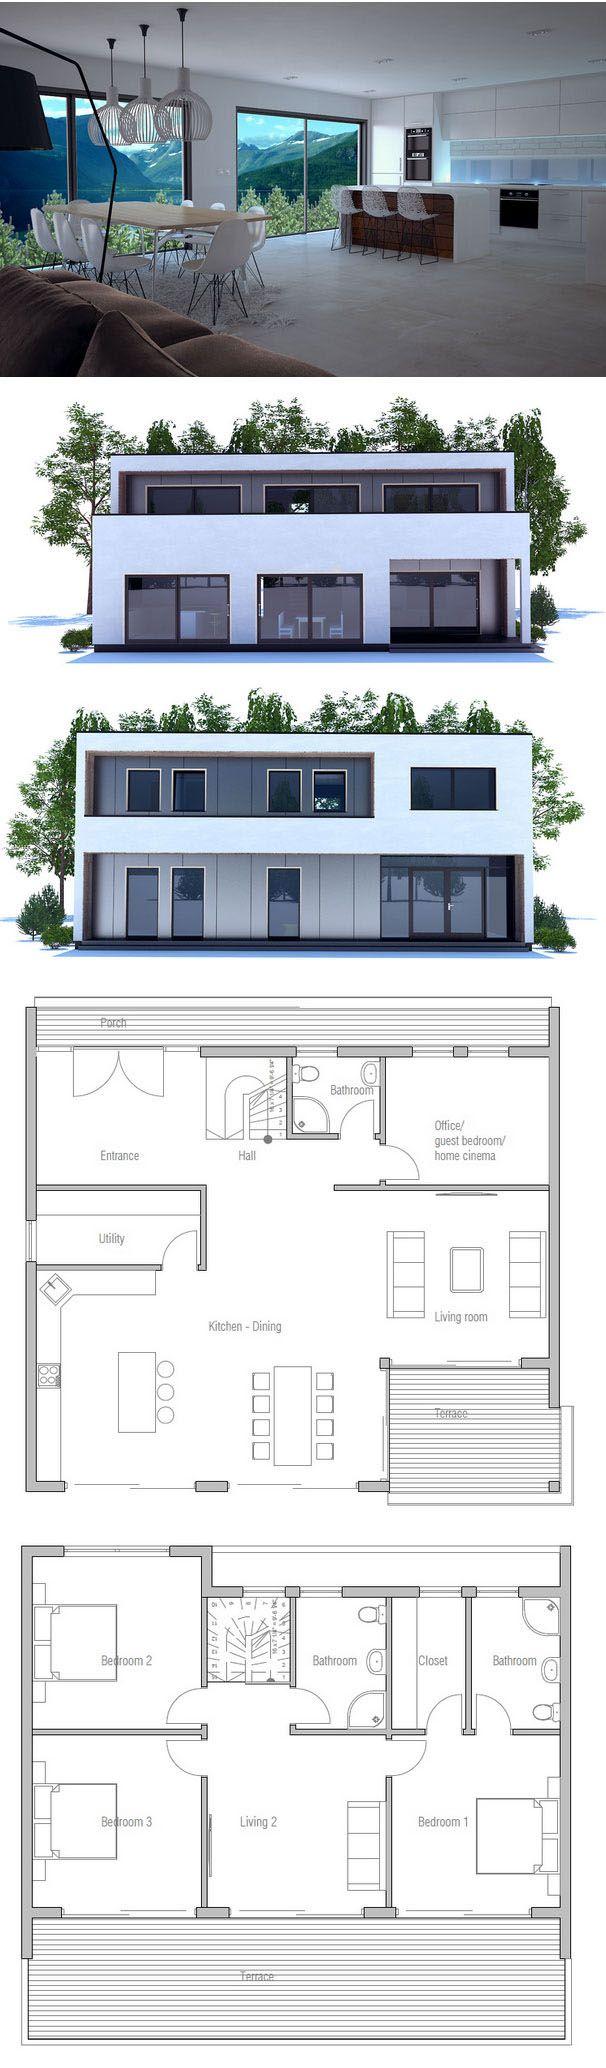 modern minimalist home plans architektur haus grundriss haus und haus pl ne. Black Bedroom Furniture Sets. Home Design Ideas